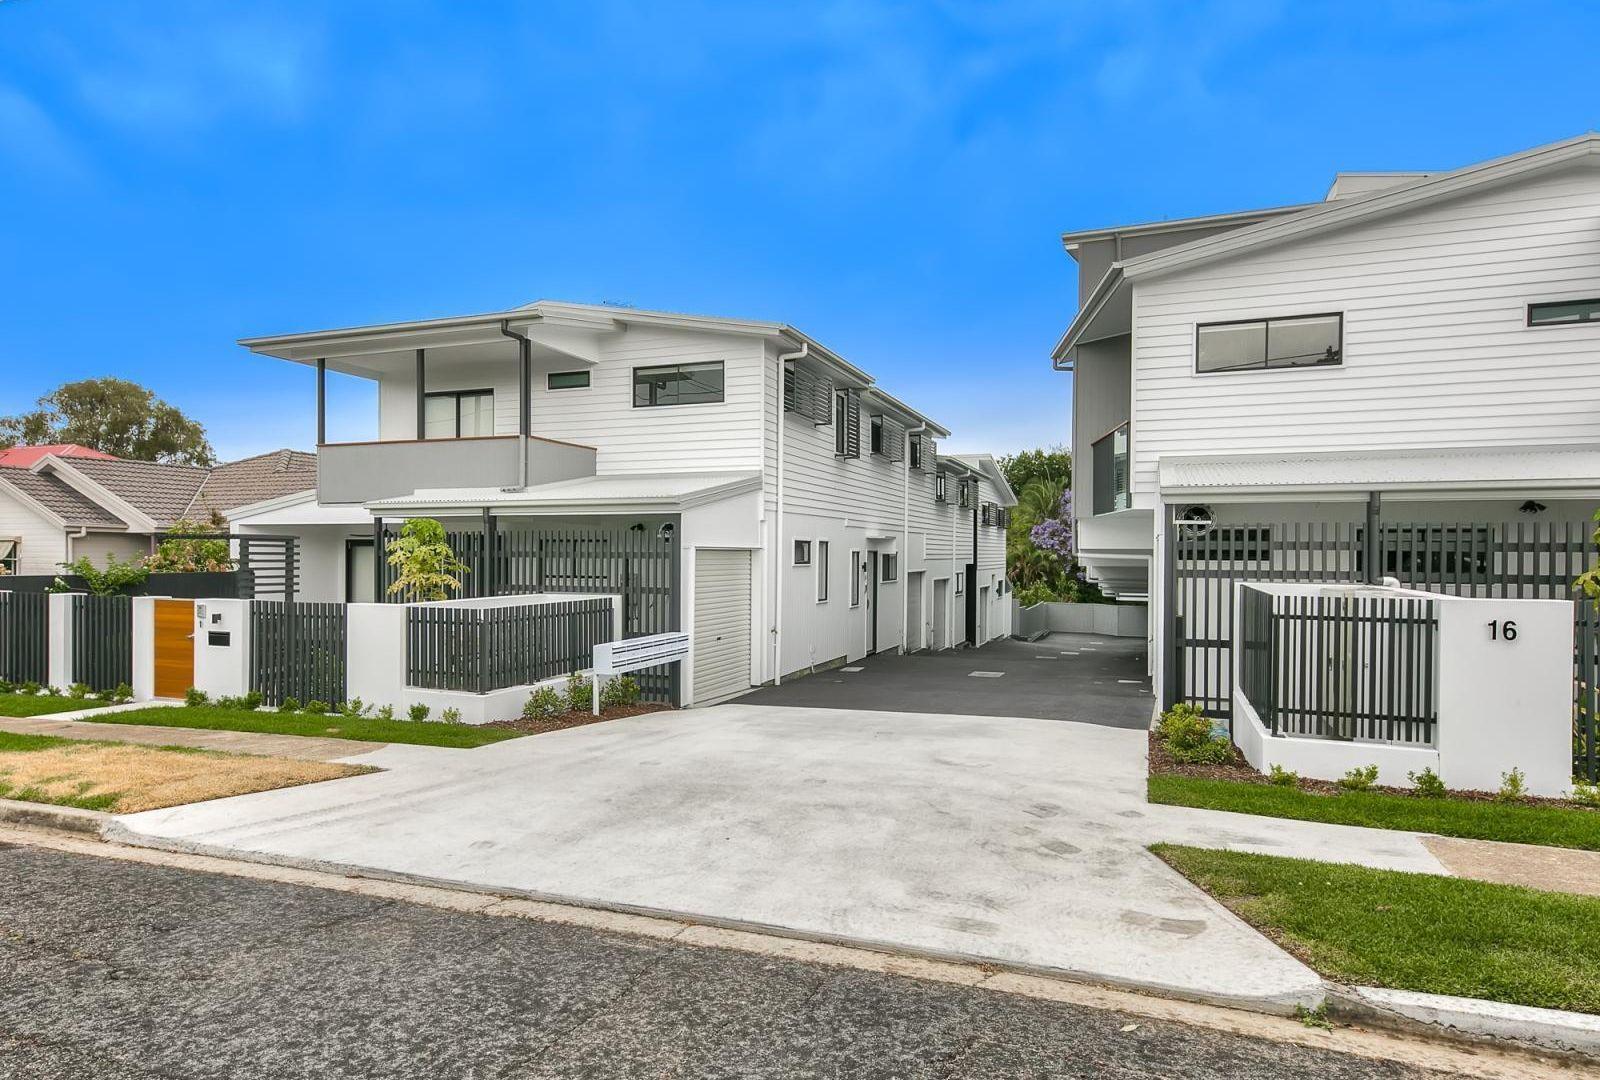 3/16 Wilton Terrace, Yeronga QLD 4104, Image 1